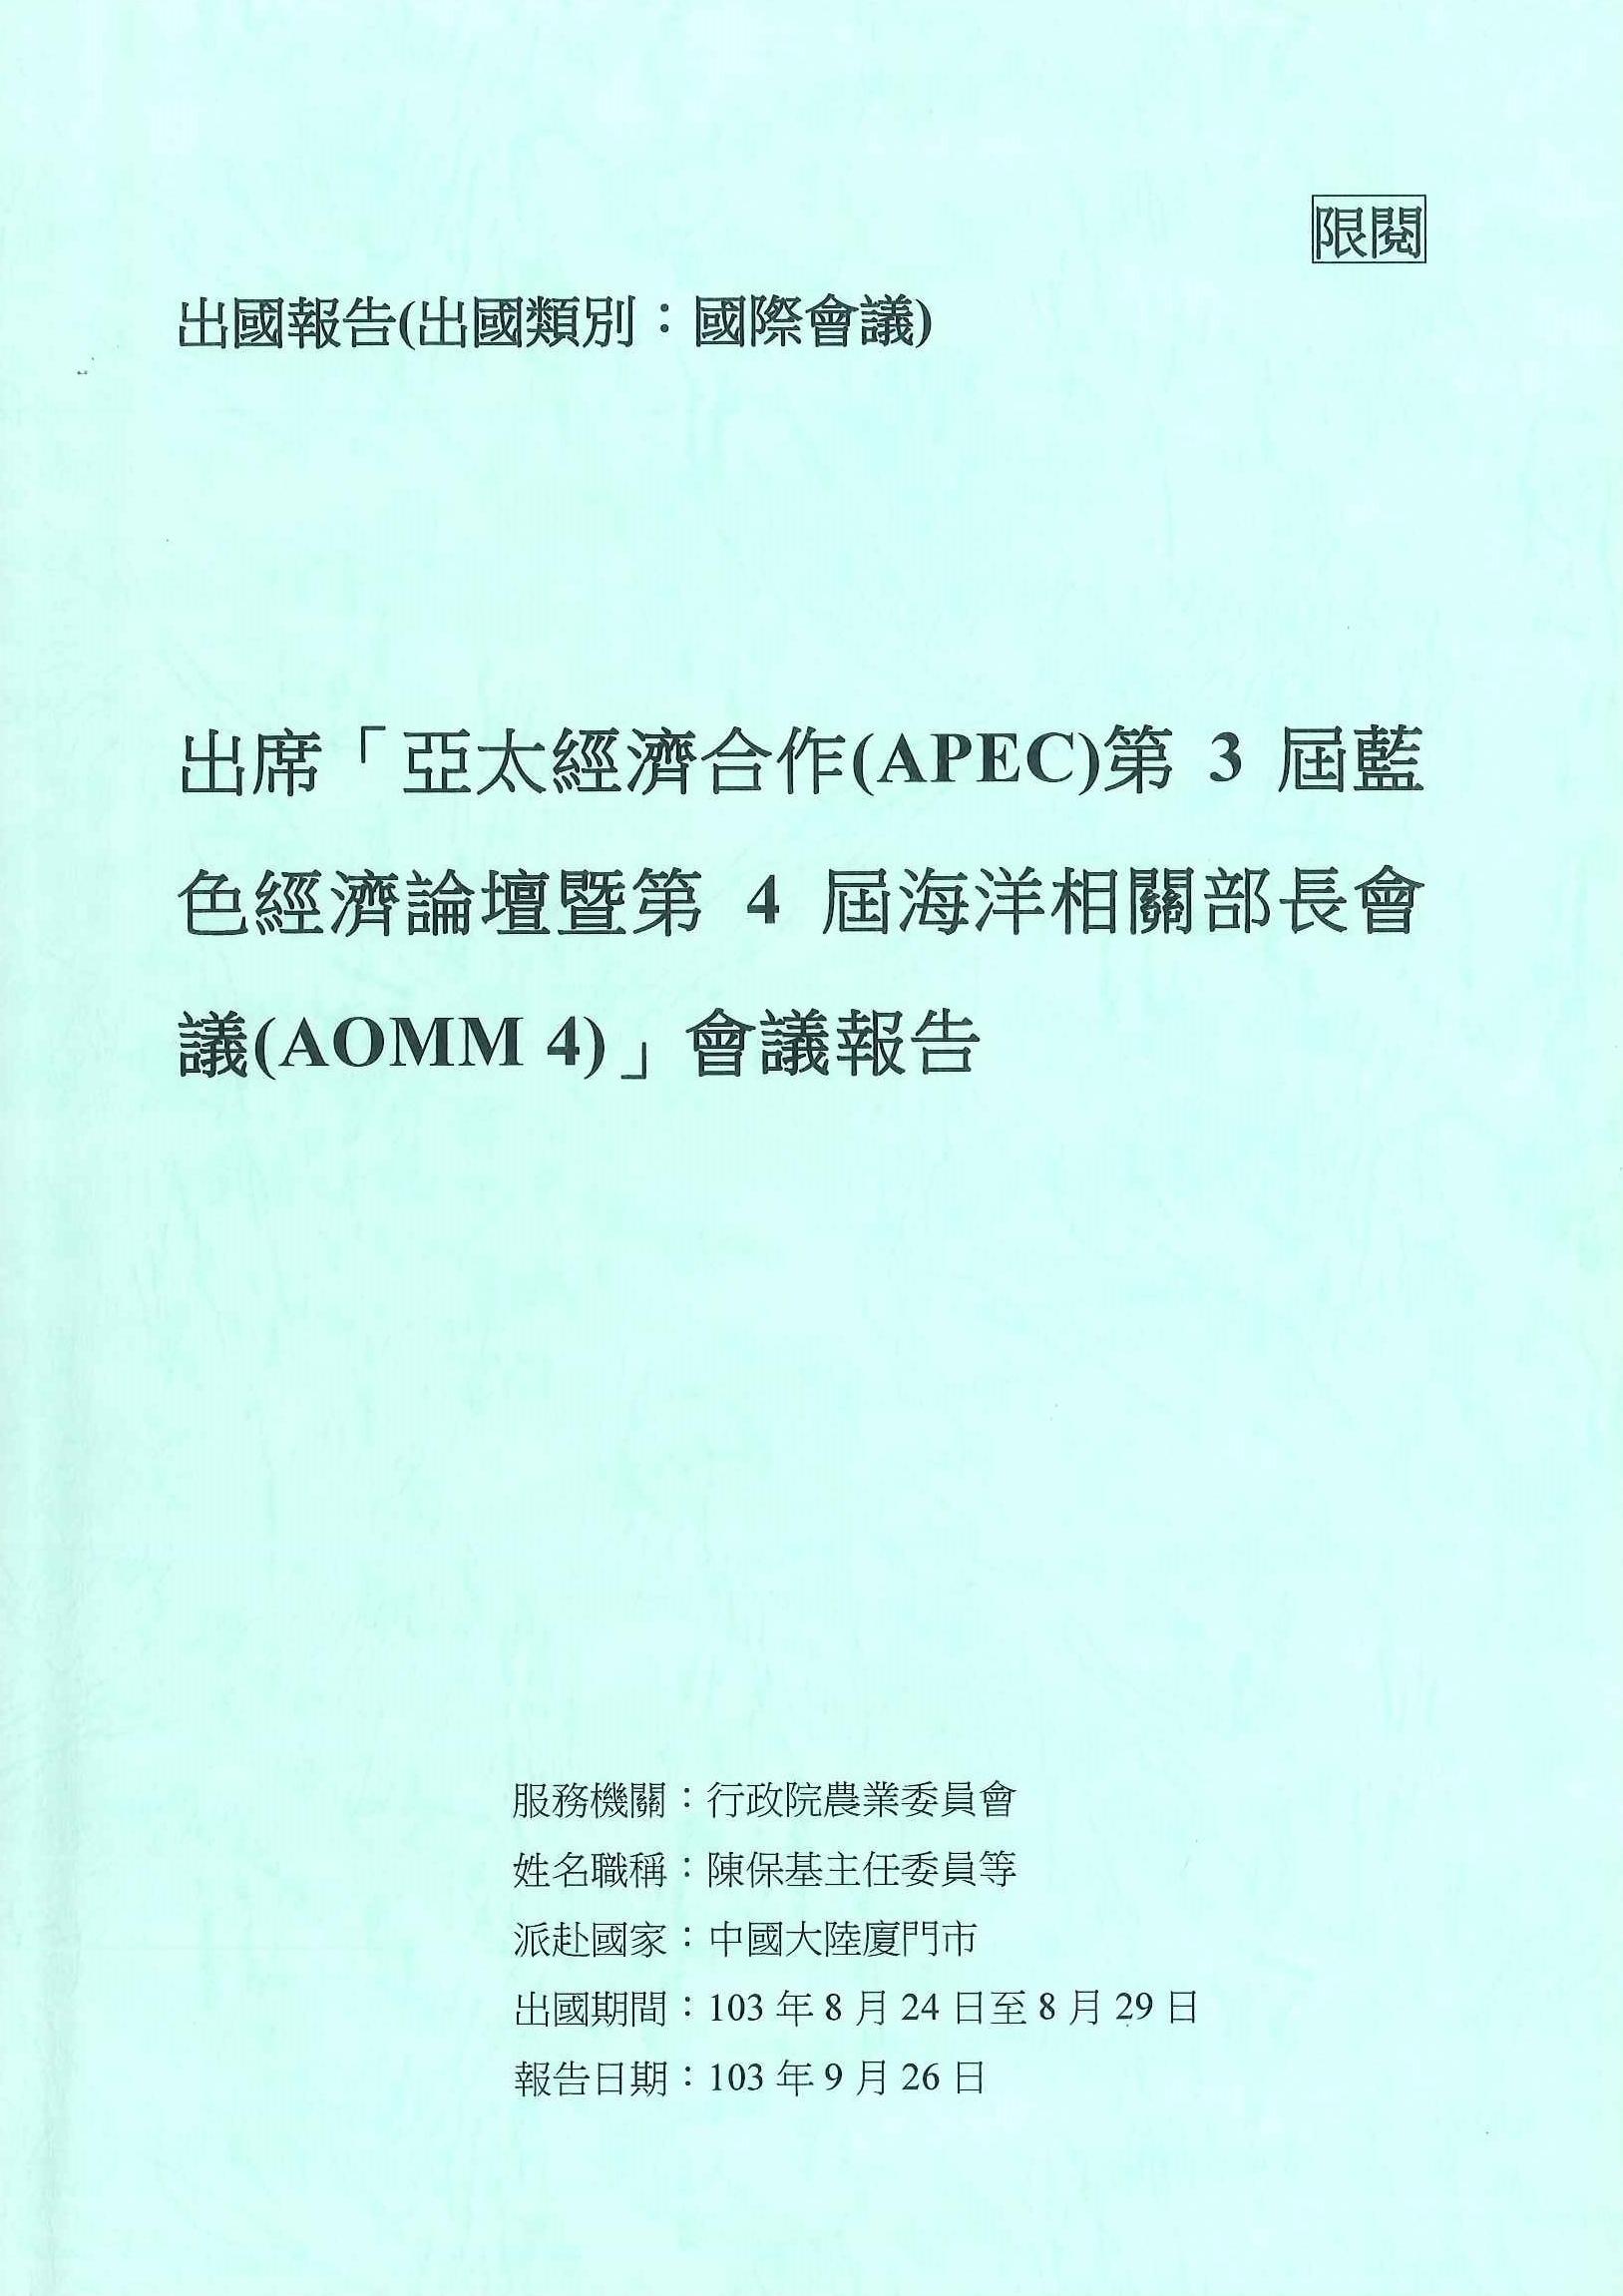 出席「亞太經濟合作(APEC)第3屆藍色經濟論壇暨第4屆海洋相關部長會議(AOMM4)」會議報告